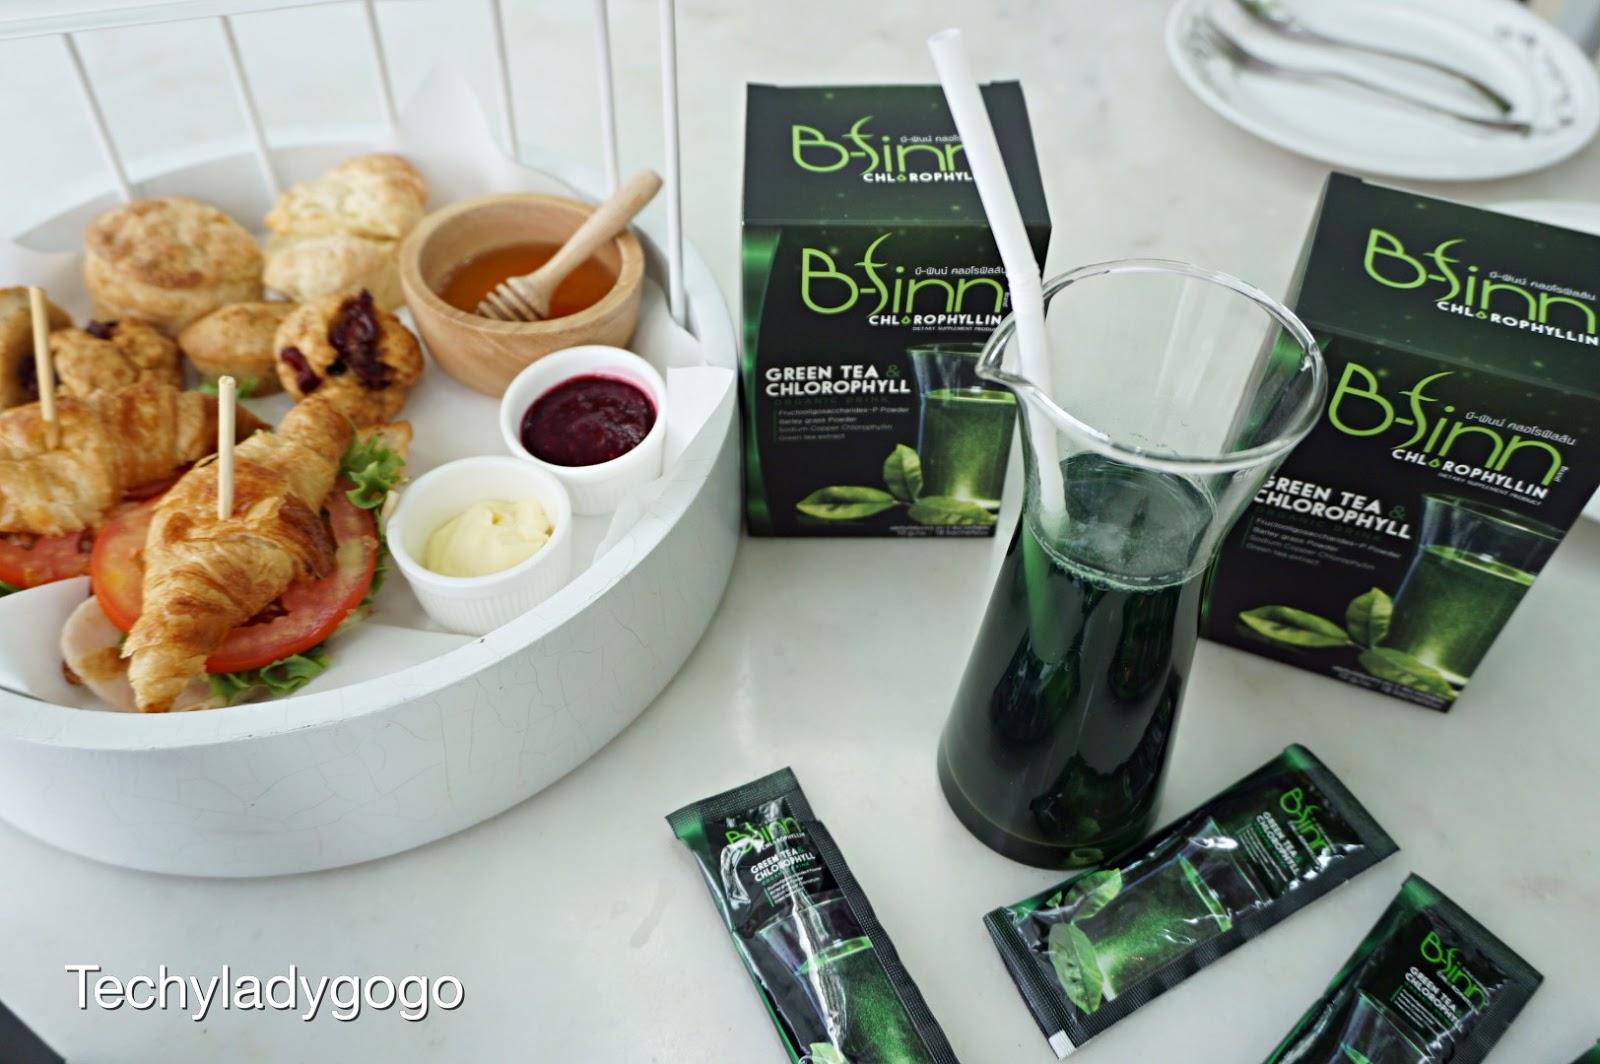 รีวิว B-finn Chlorophyllin บี-ฟินน์ คลอโรฟิลลิน เครื่องดื่มคลอโรฟิลล์ สีเขียว แสนอร่อย ดีต่อสุขภาพ